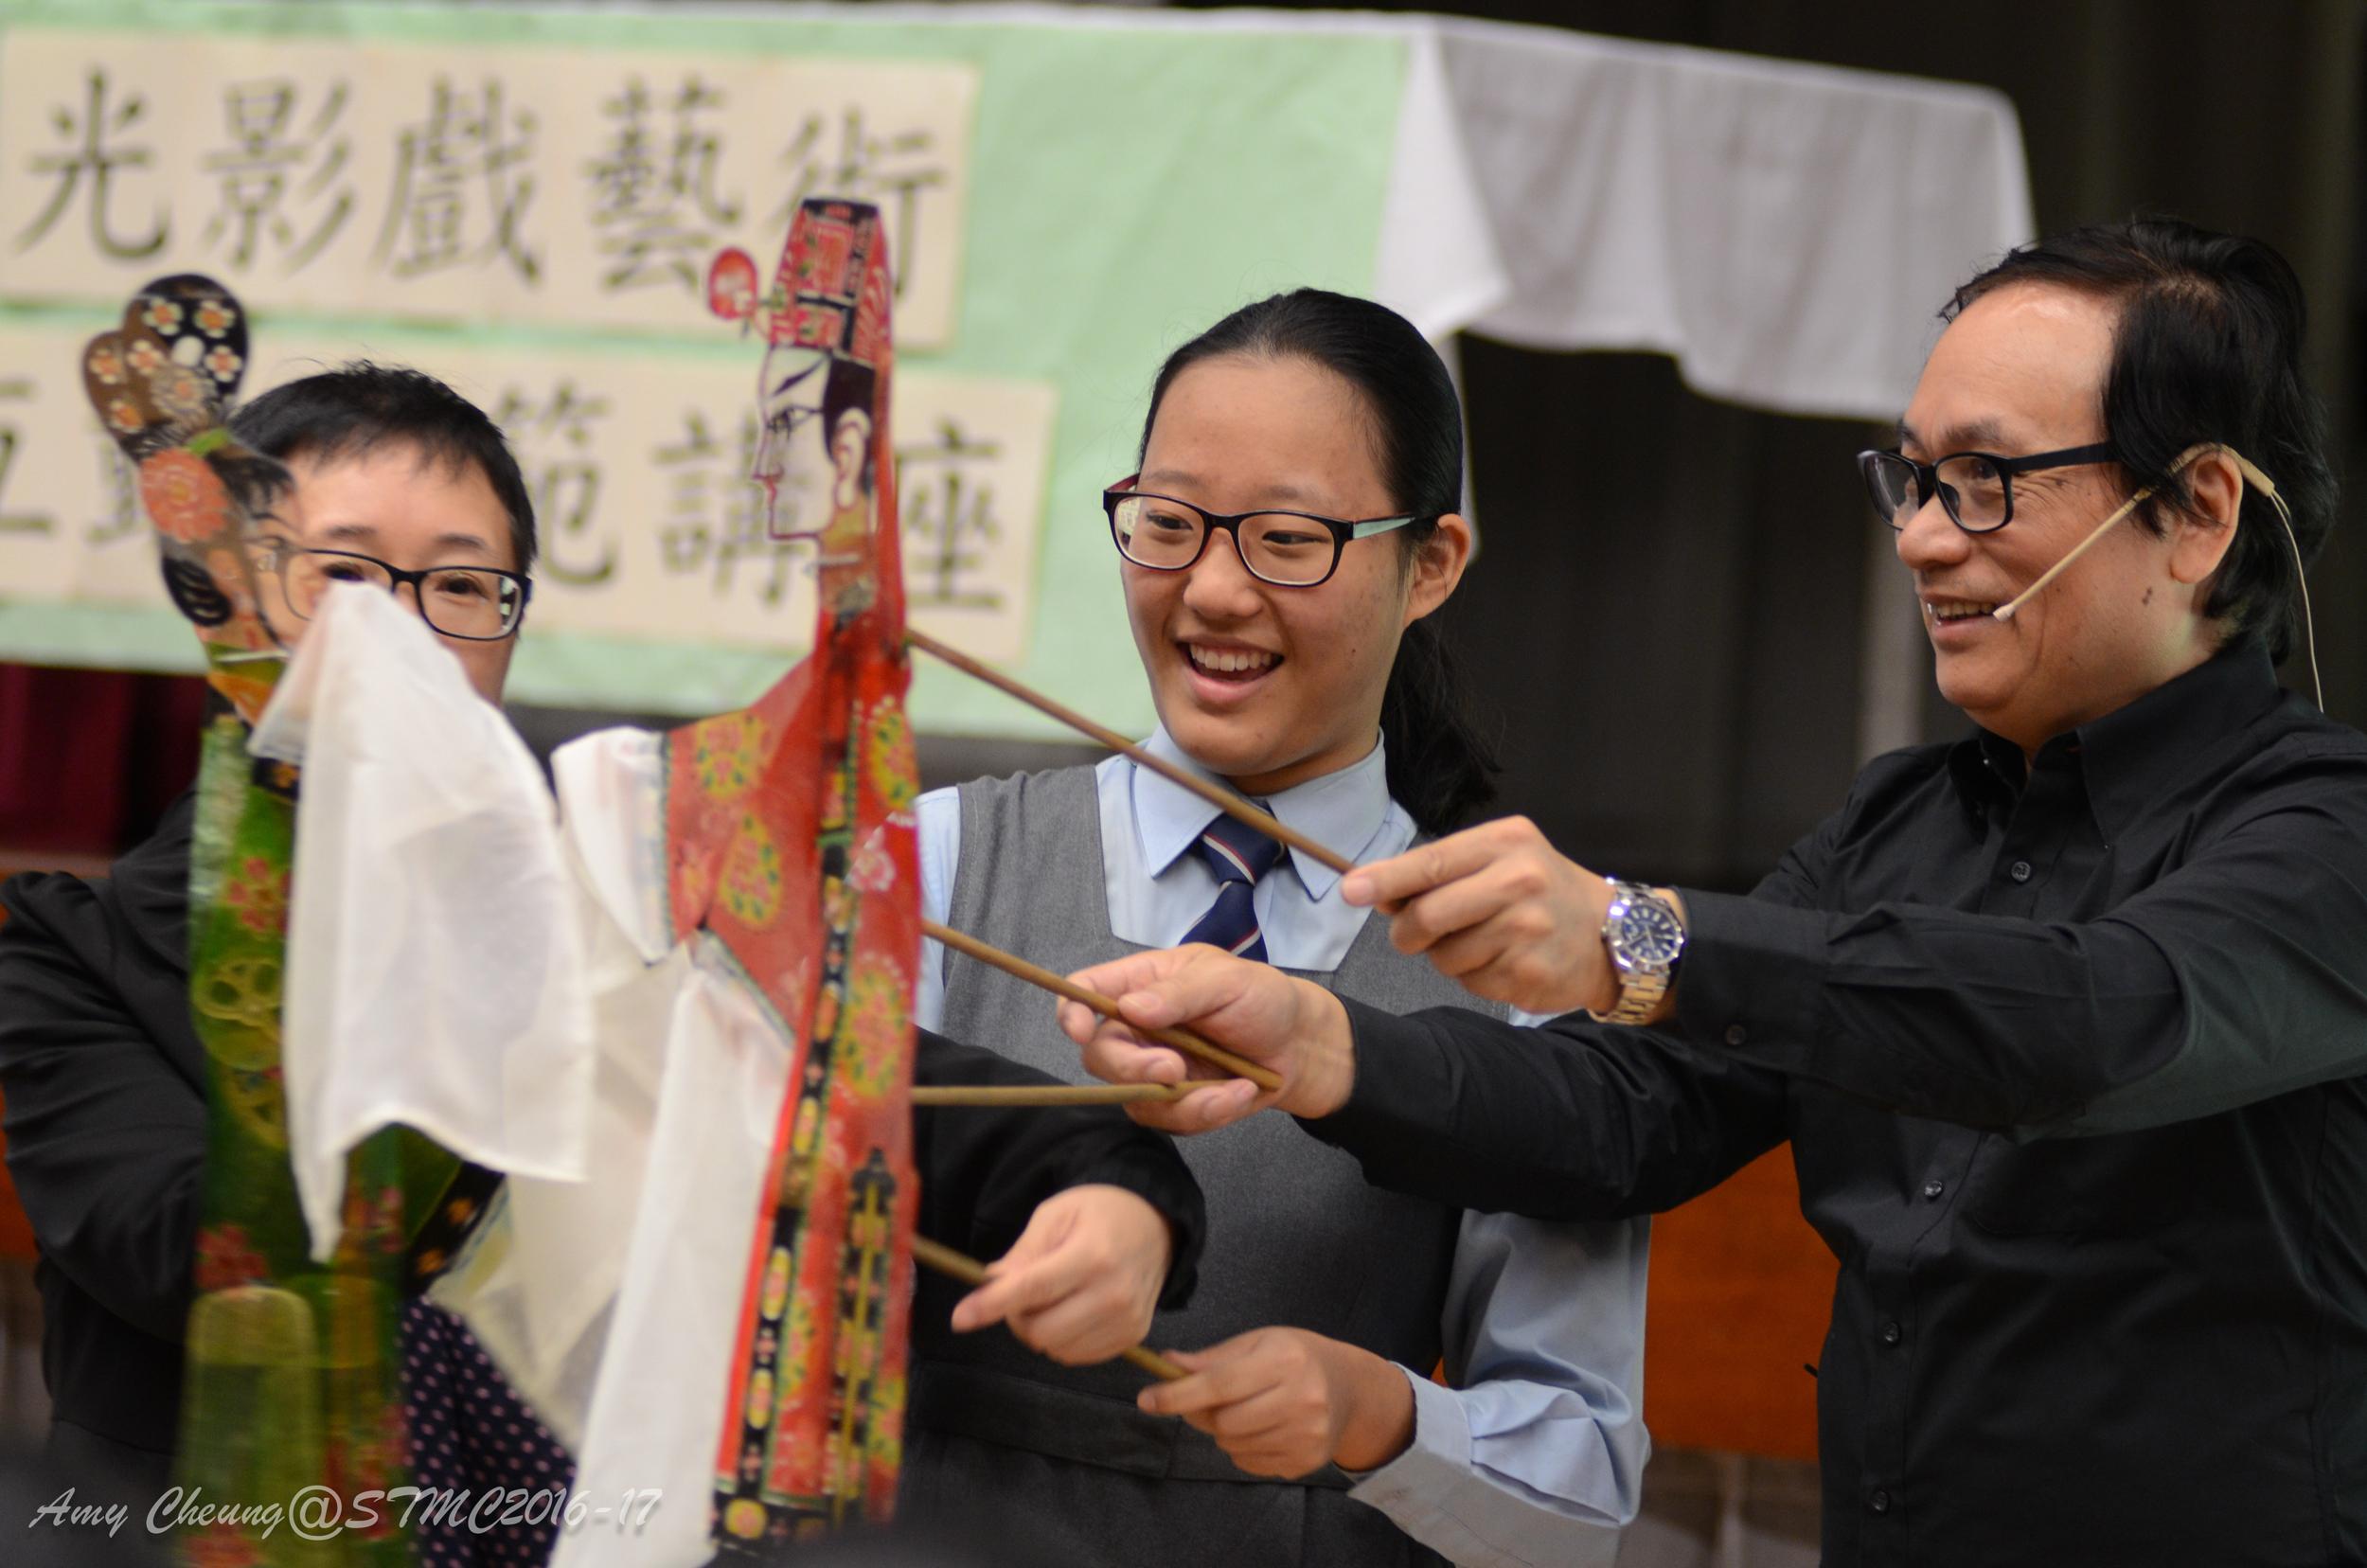 3.2 中國傳统文化皮影戲示範_Chi culture 1